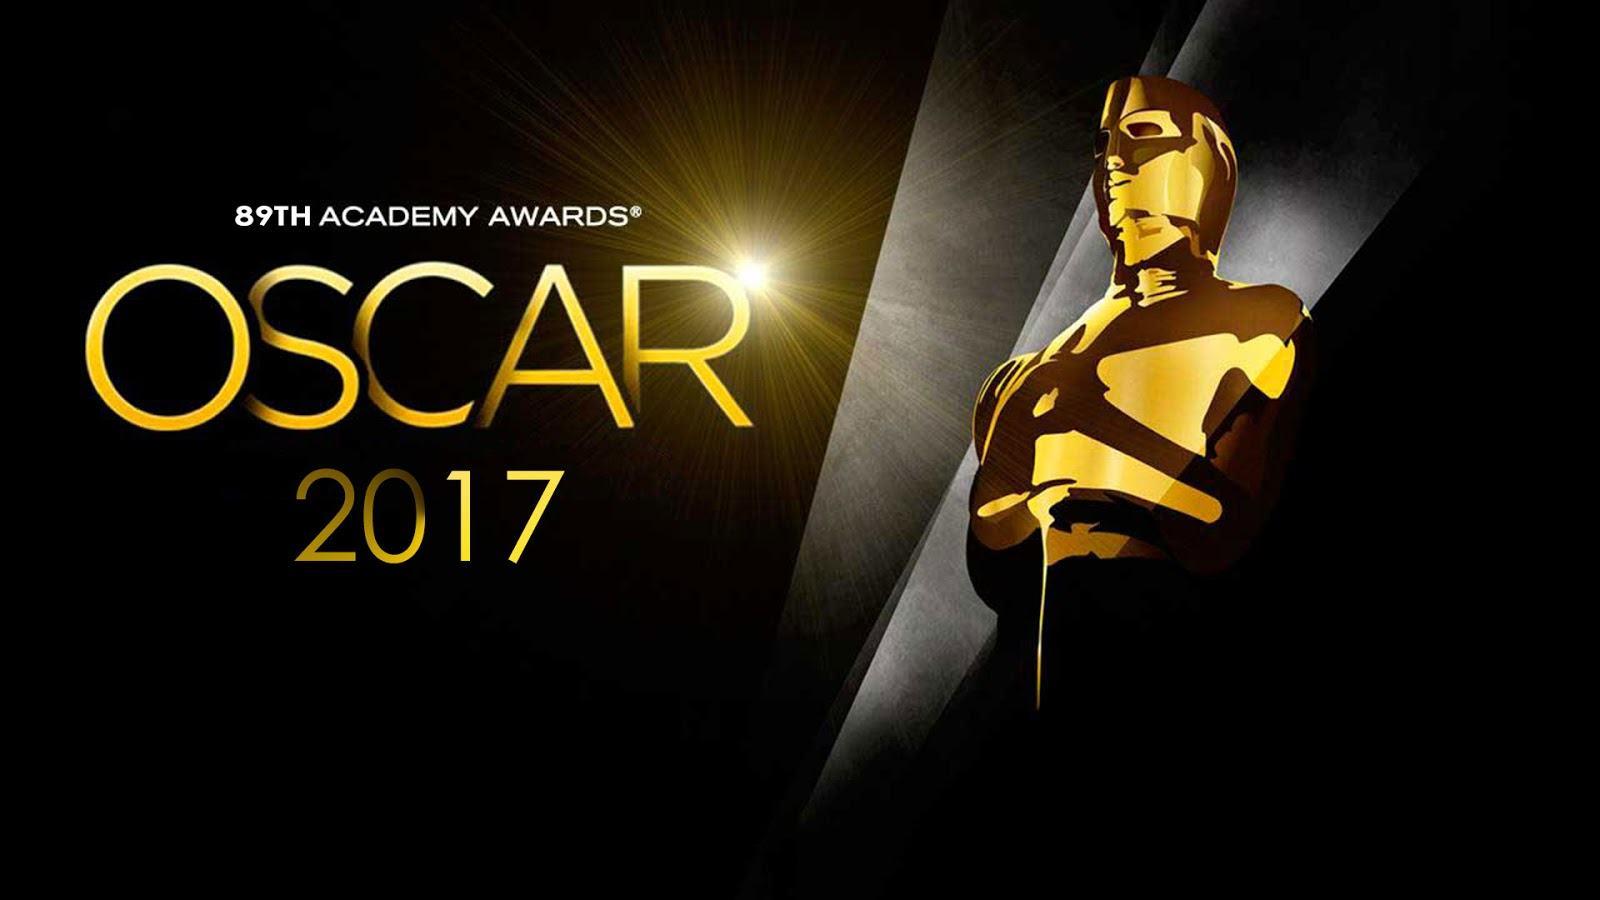 Academia divulga trailer oficial do Oscar 2017 cheio de blockbusters